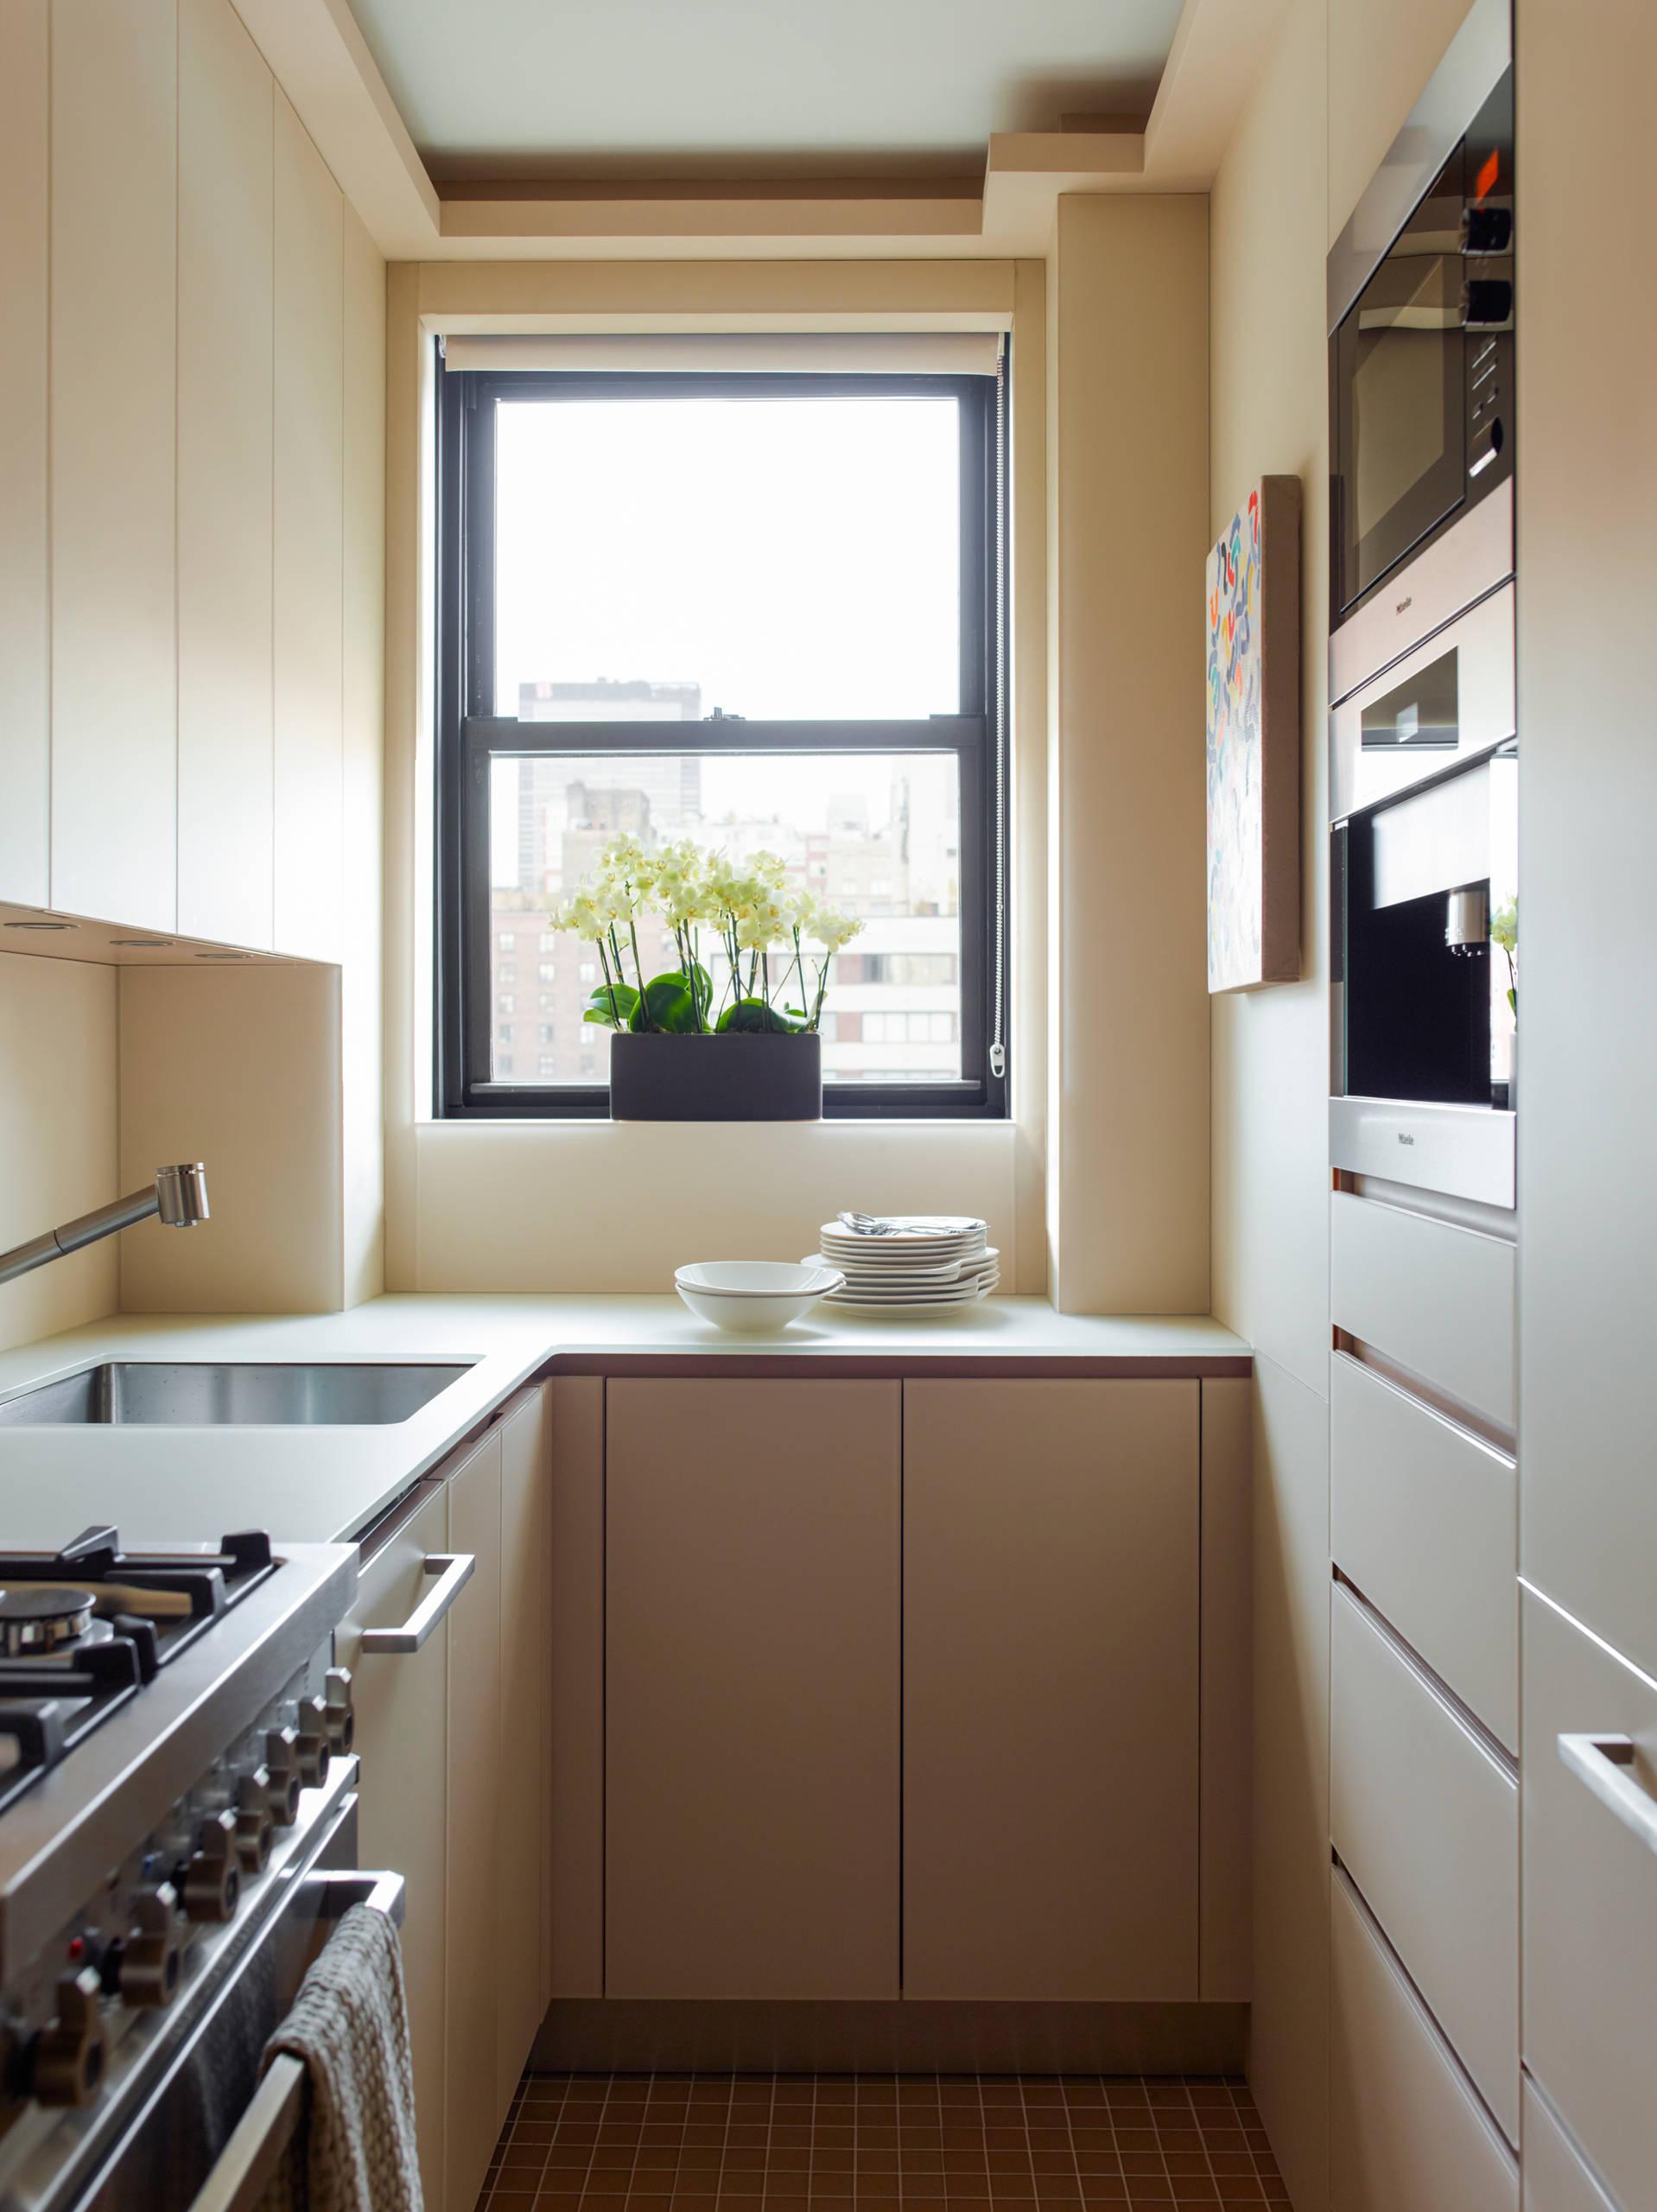 угловая бежевая кухня 2017 года